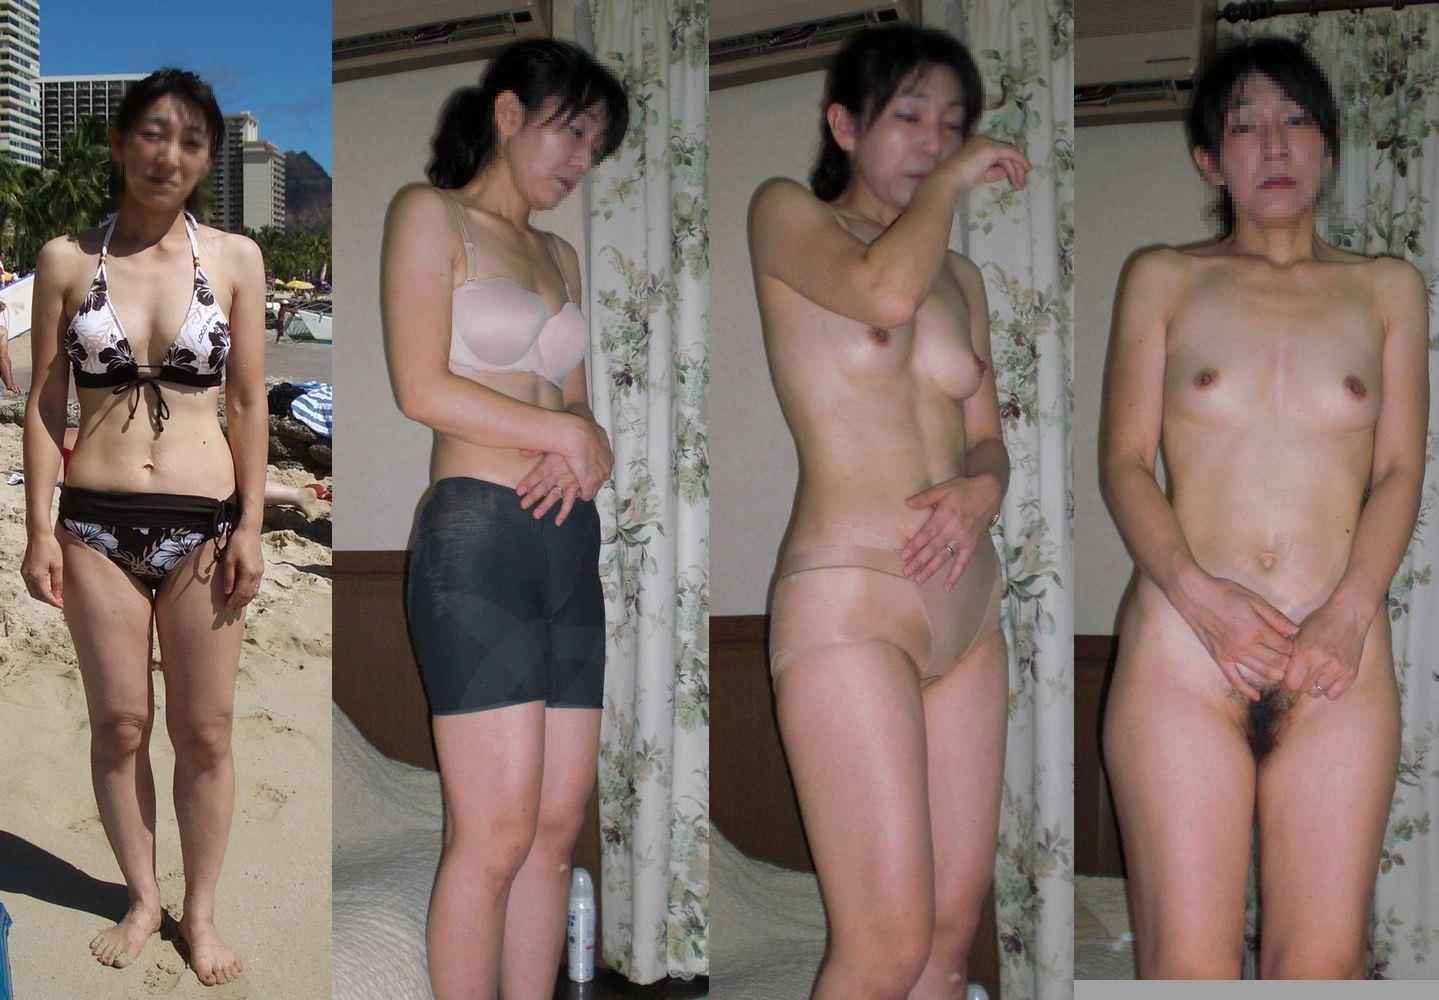 元カレから流出したリベンジポルノ酷すぎ!!!普通の女子の私服とエッチな姿な姿の比較エロ画像wwwwww 15150